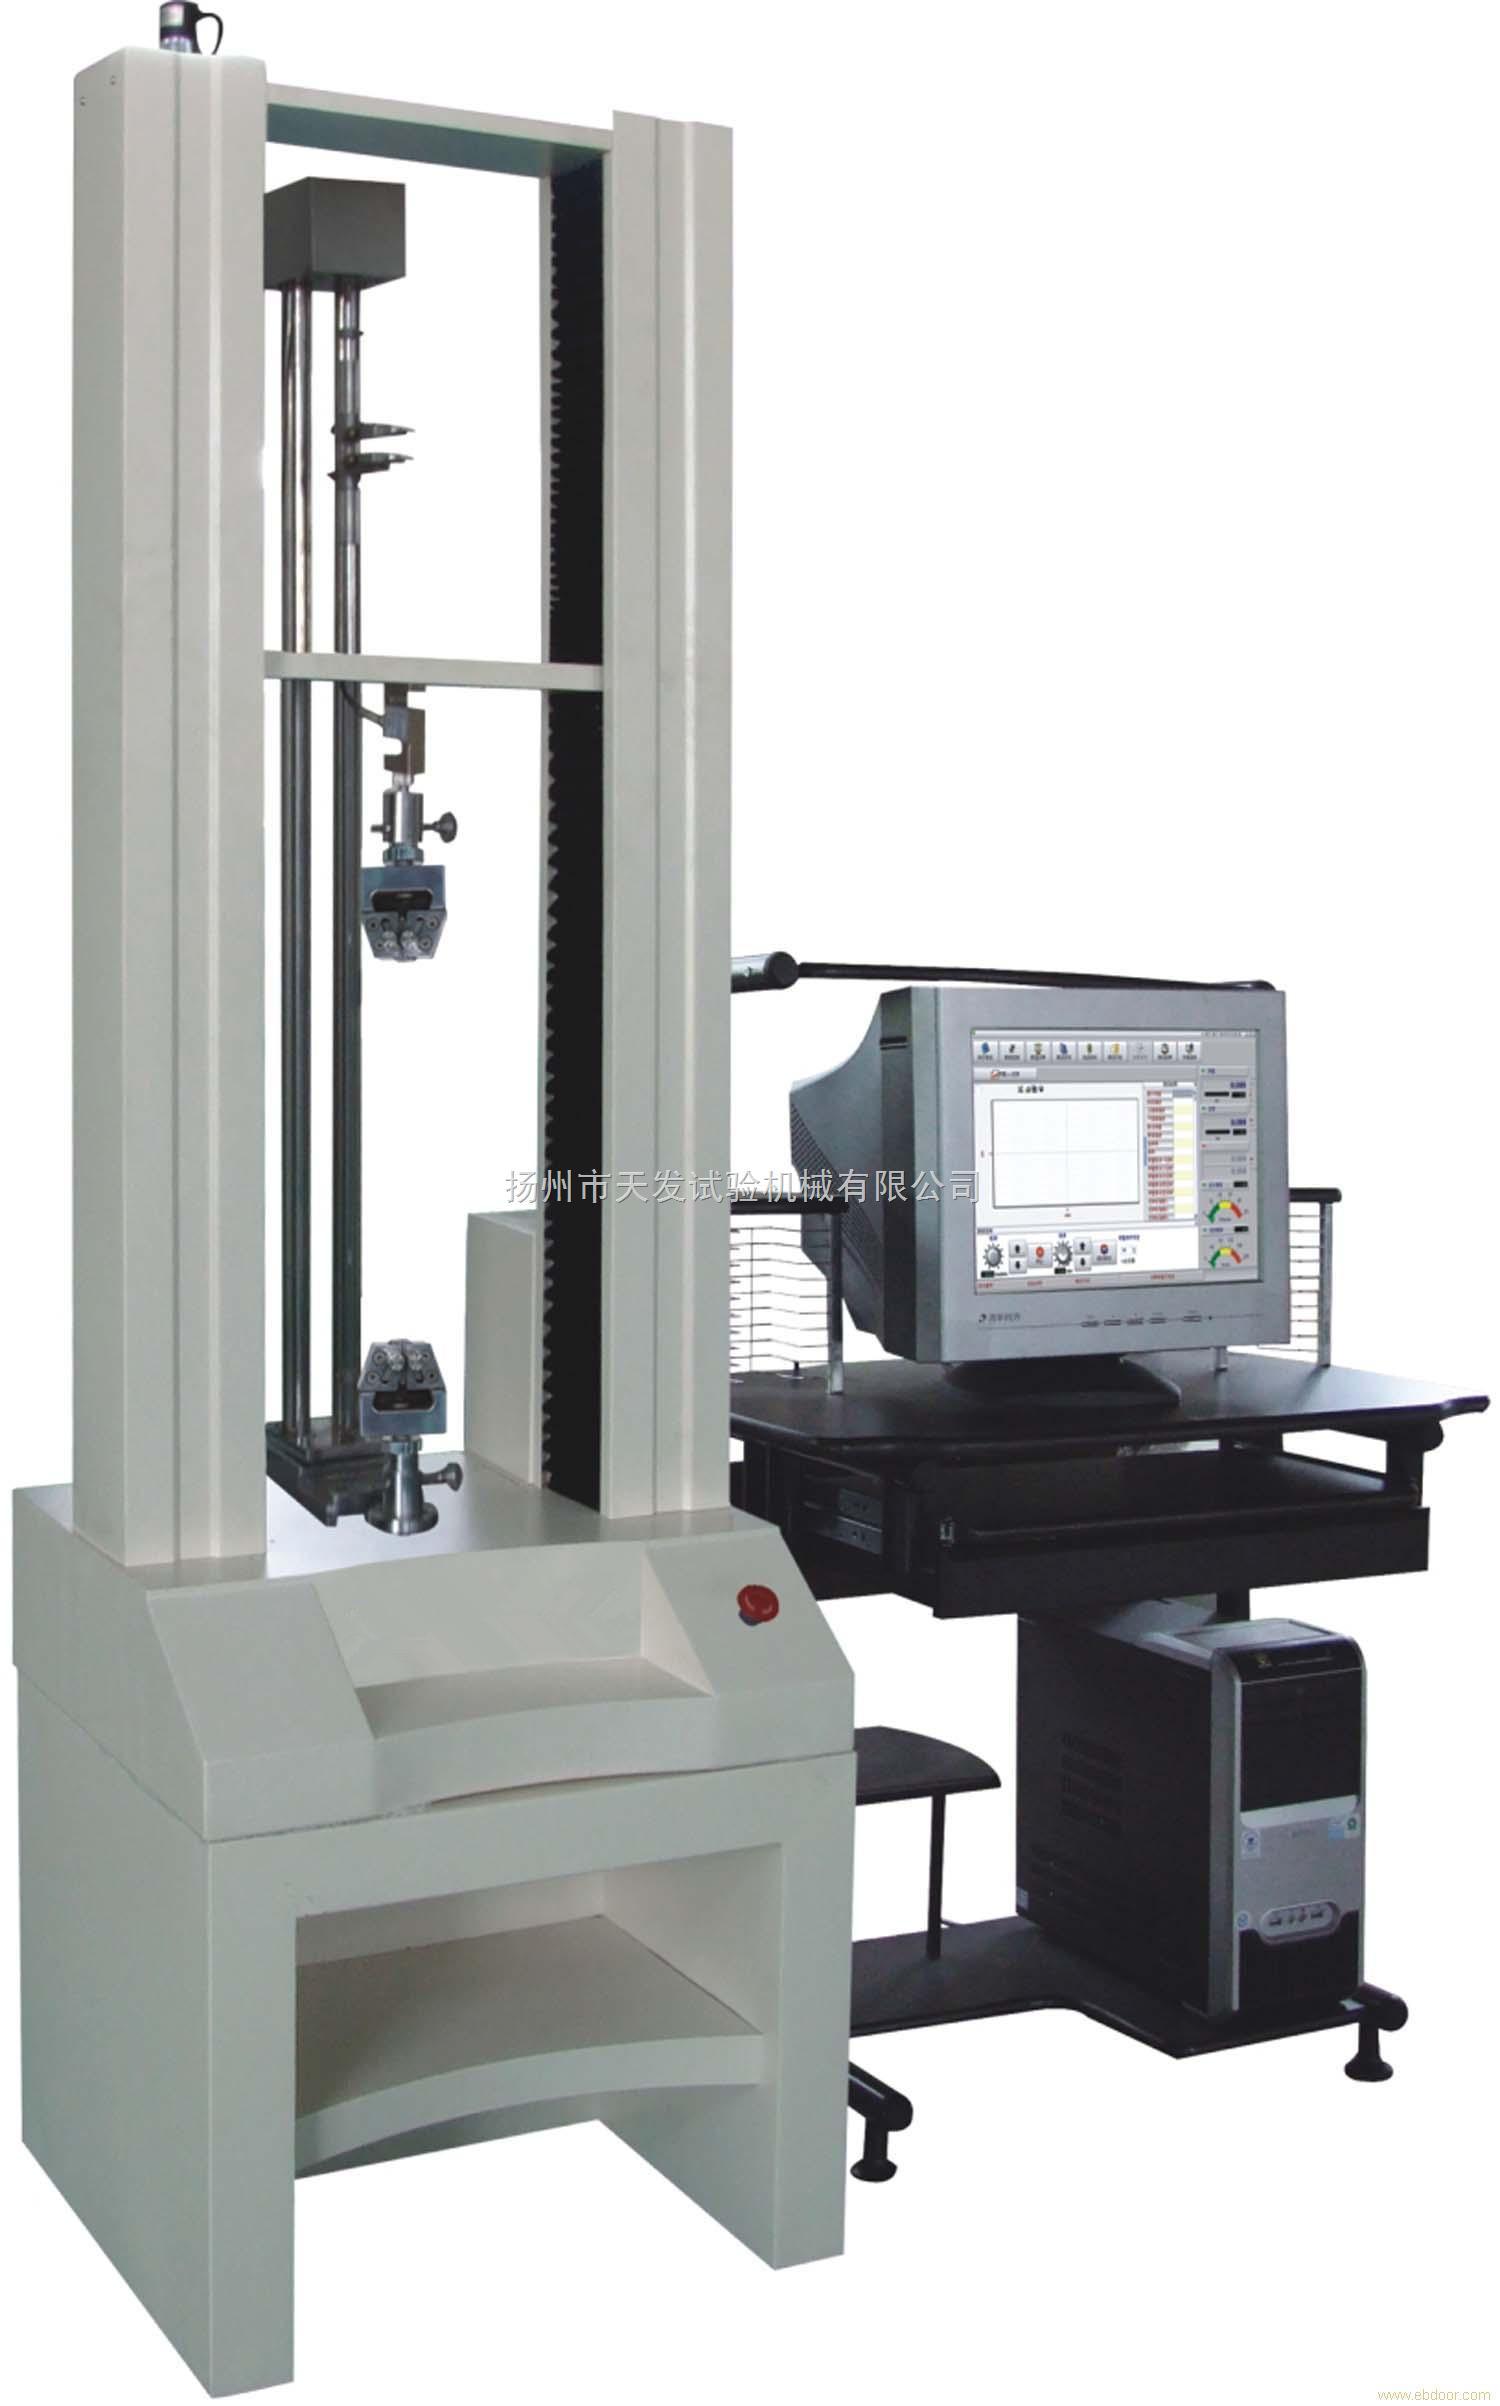 JDL-5000N-电子材料万能试验机、微机控制电子拉力机